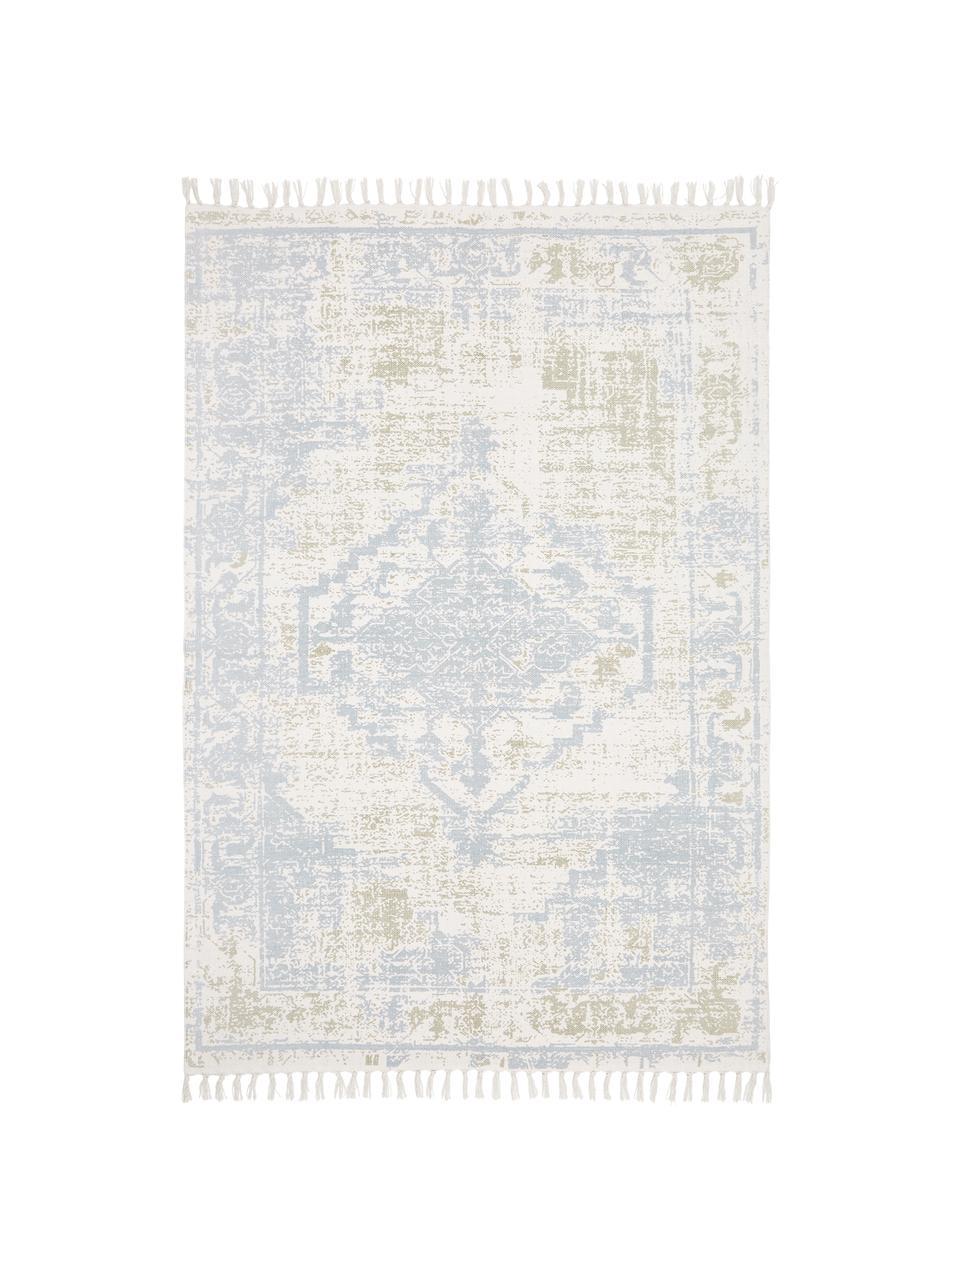 Handgeweven katoenen vloerkleed Jasmine in beige/blauw in vintage stijl, Beige, blauw, B 50 x L 80 cm (maat XXS)